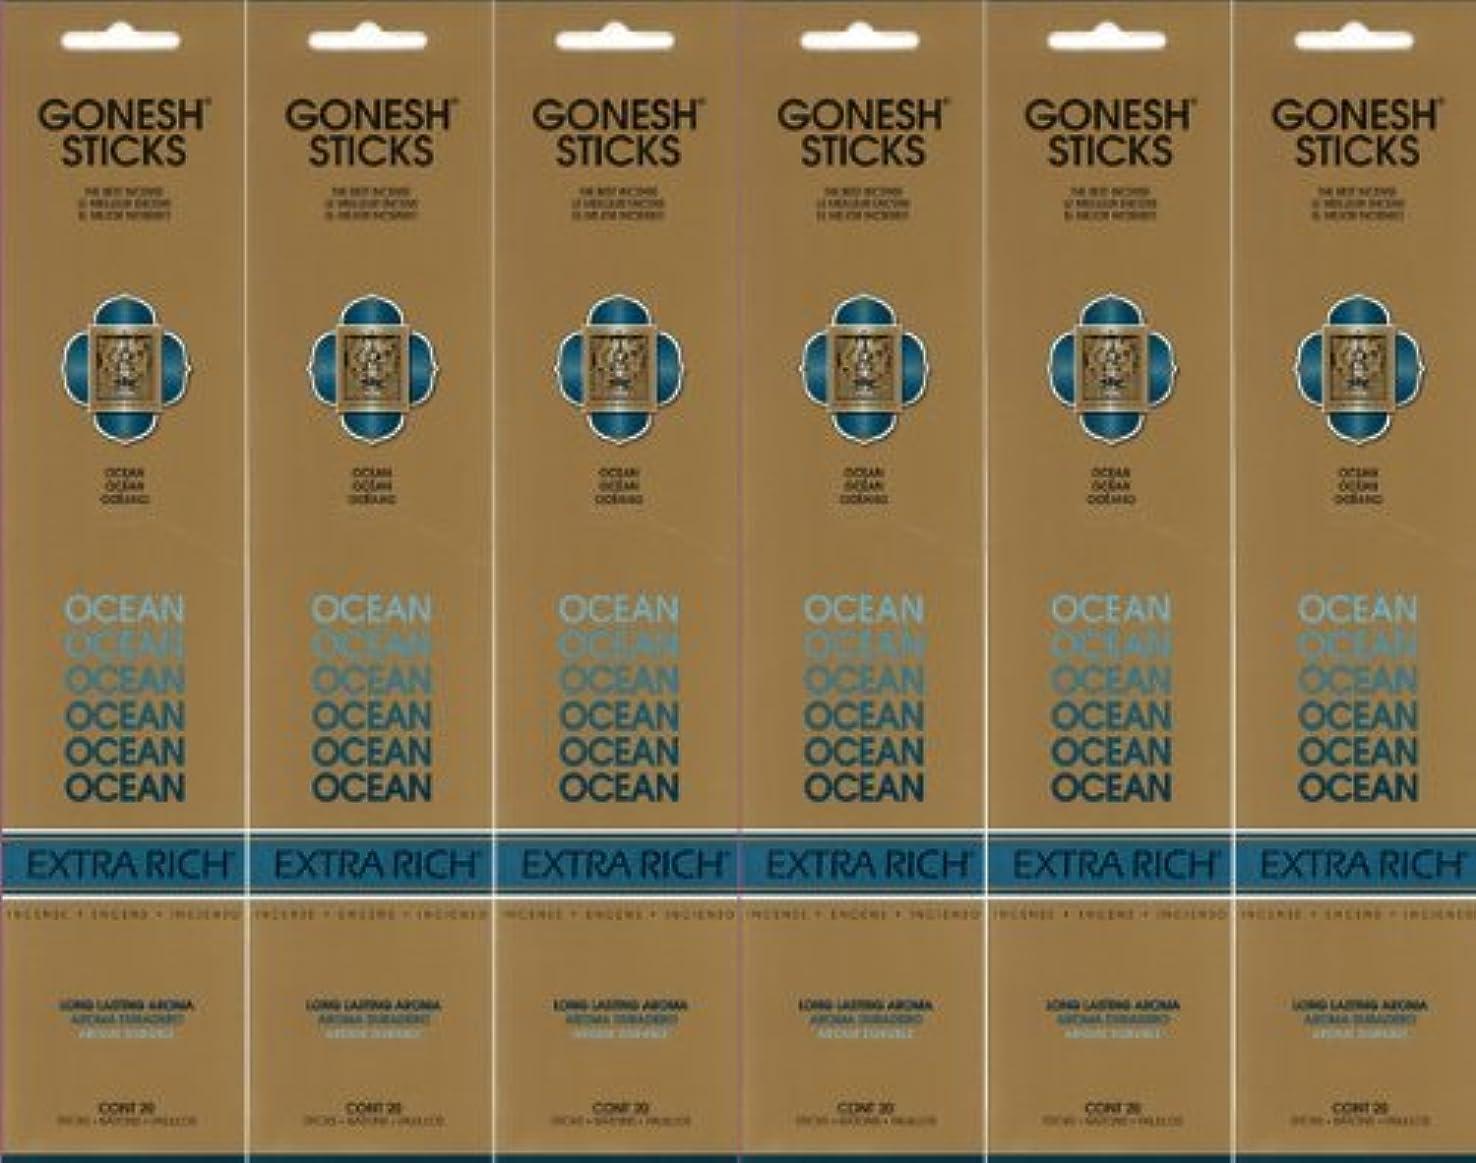 目の前の印象派料理GONESH ガーネッシュ OCEAN オーシャン スティック 20本入り X 6パック (120本)